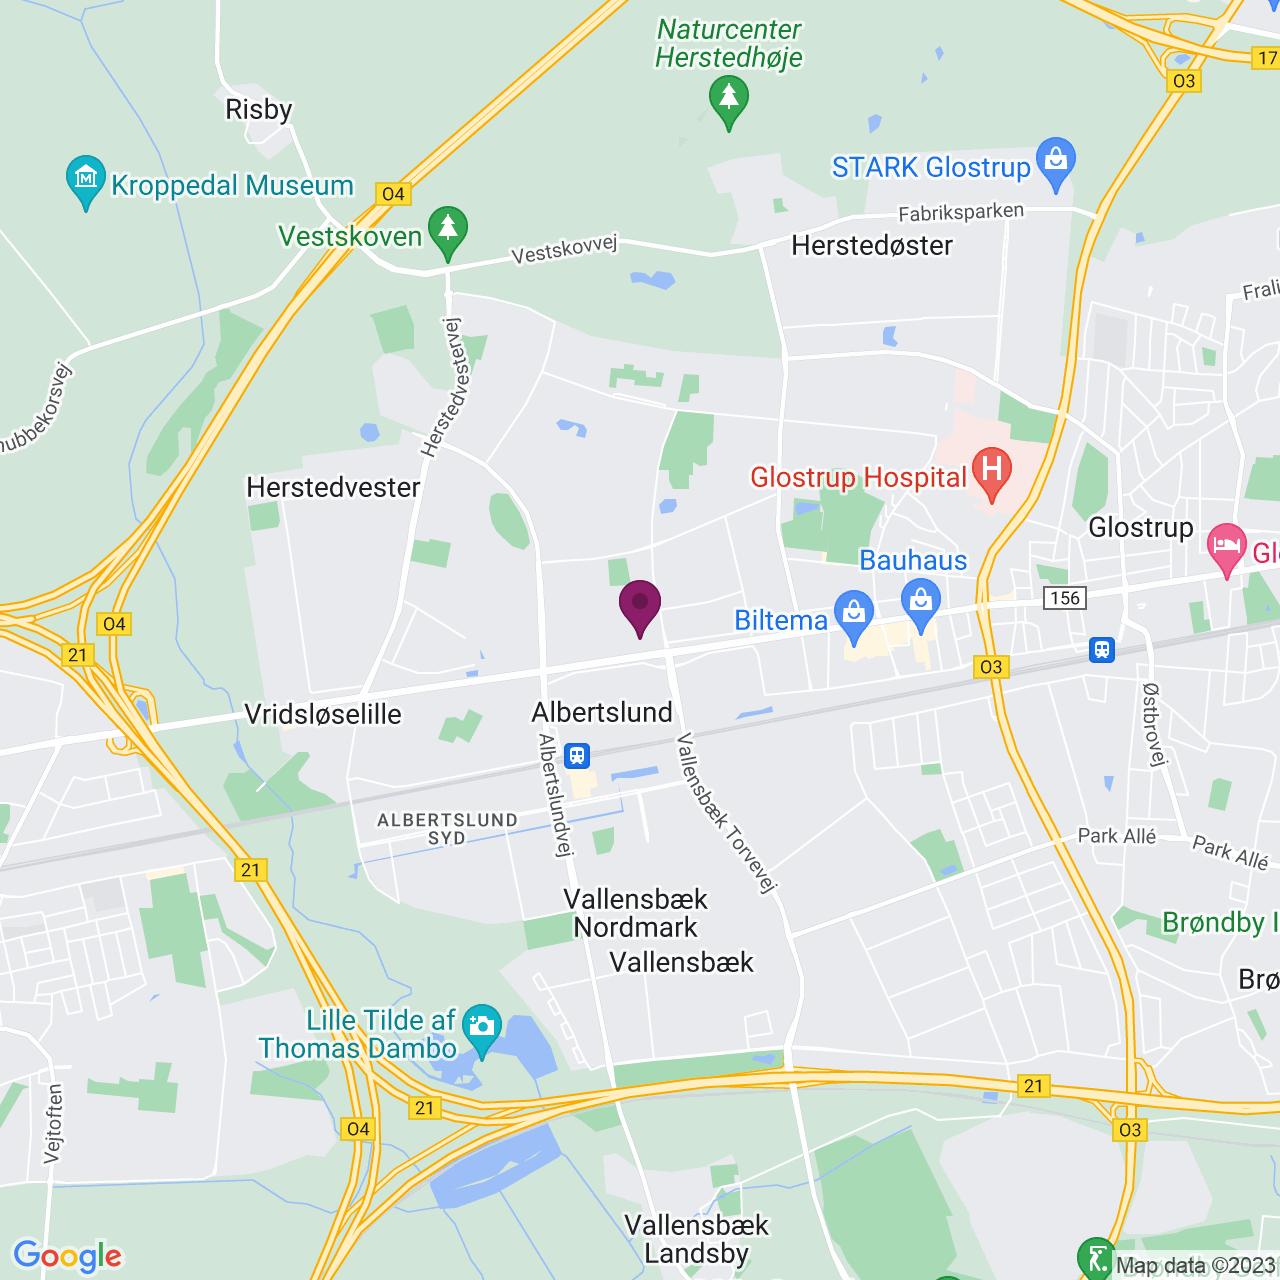 Kort över Roskildevej 22